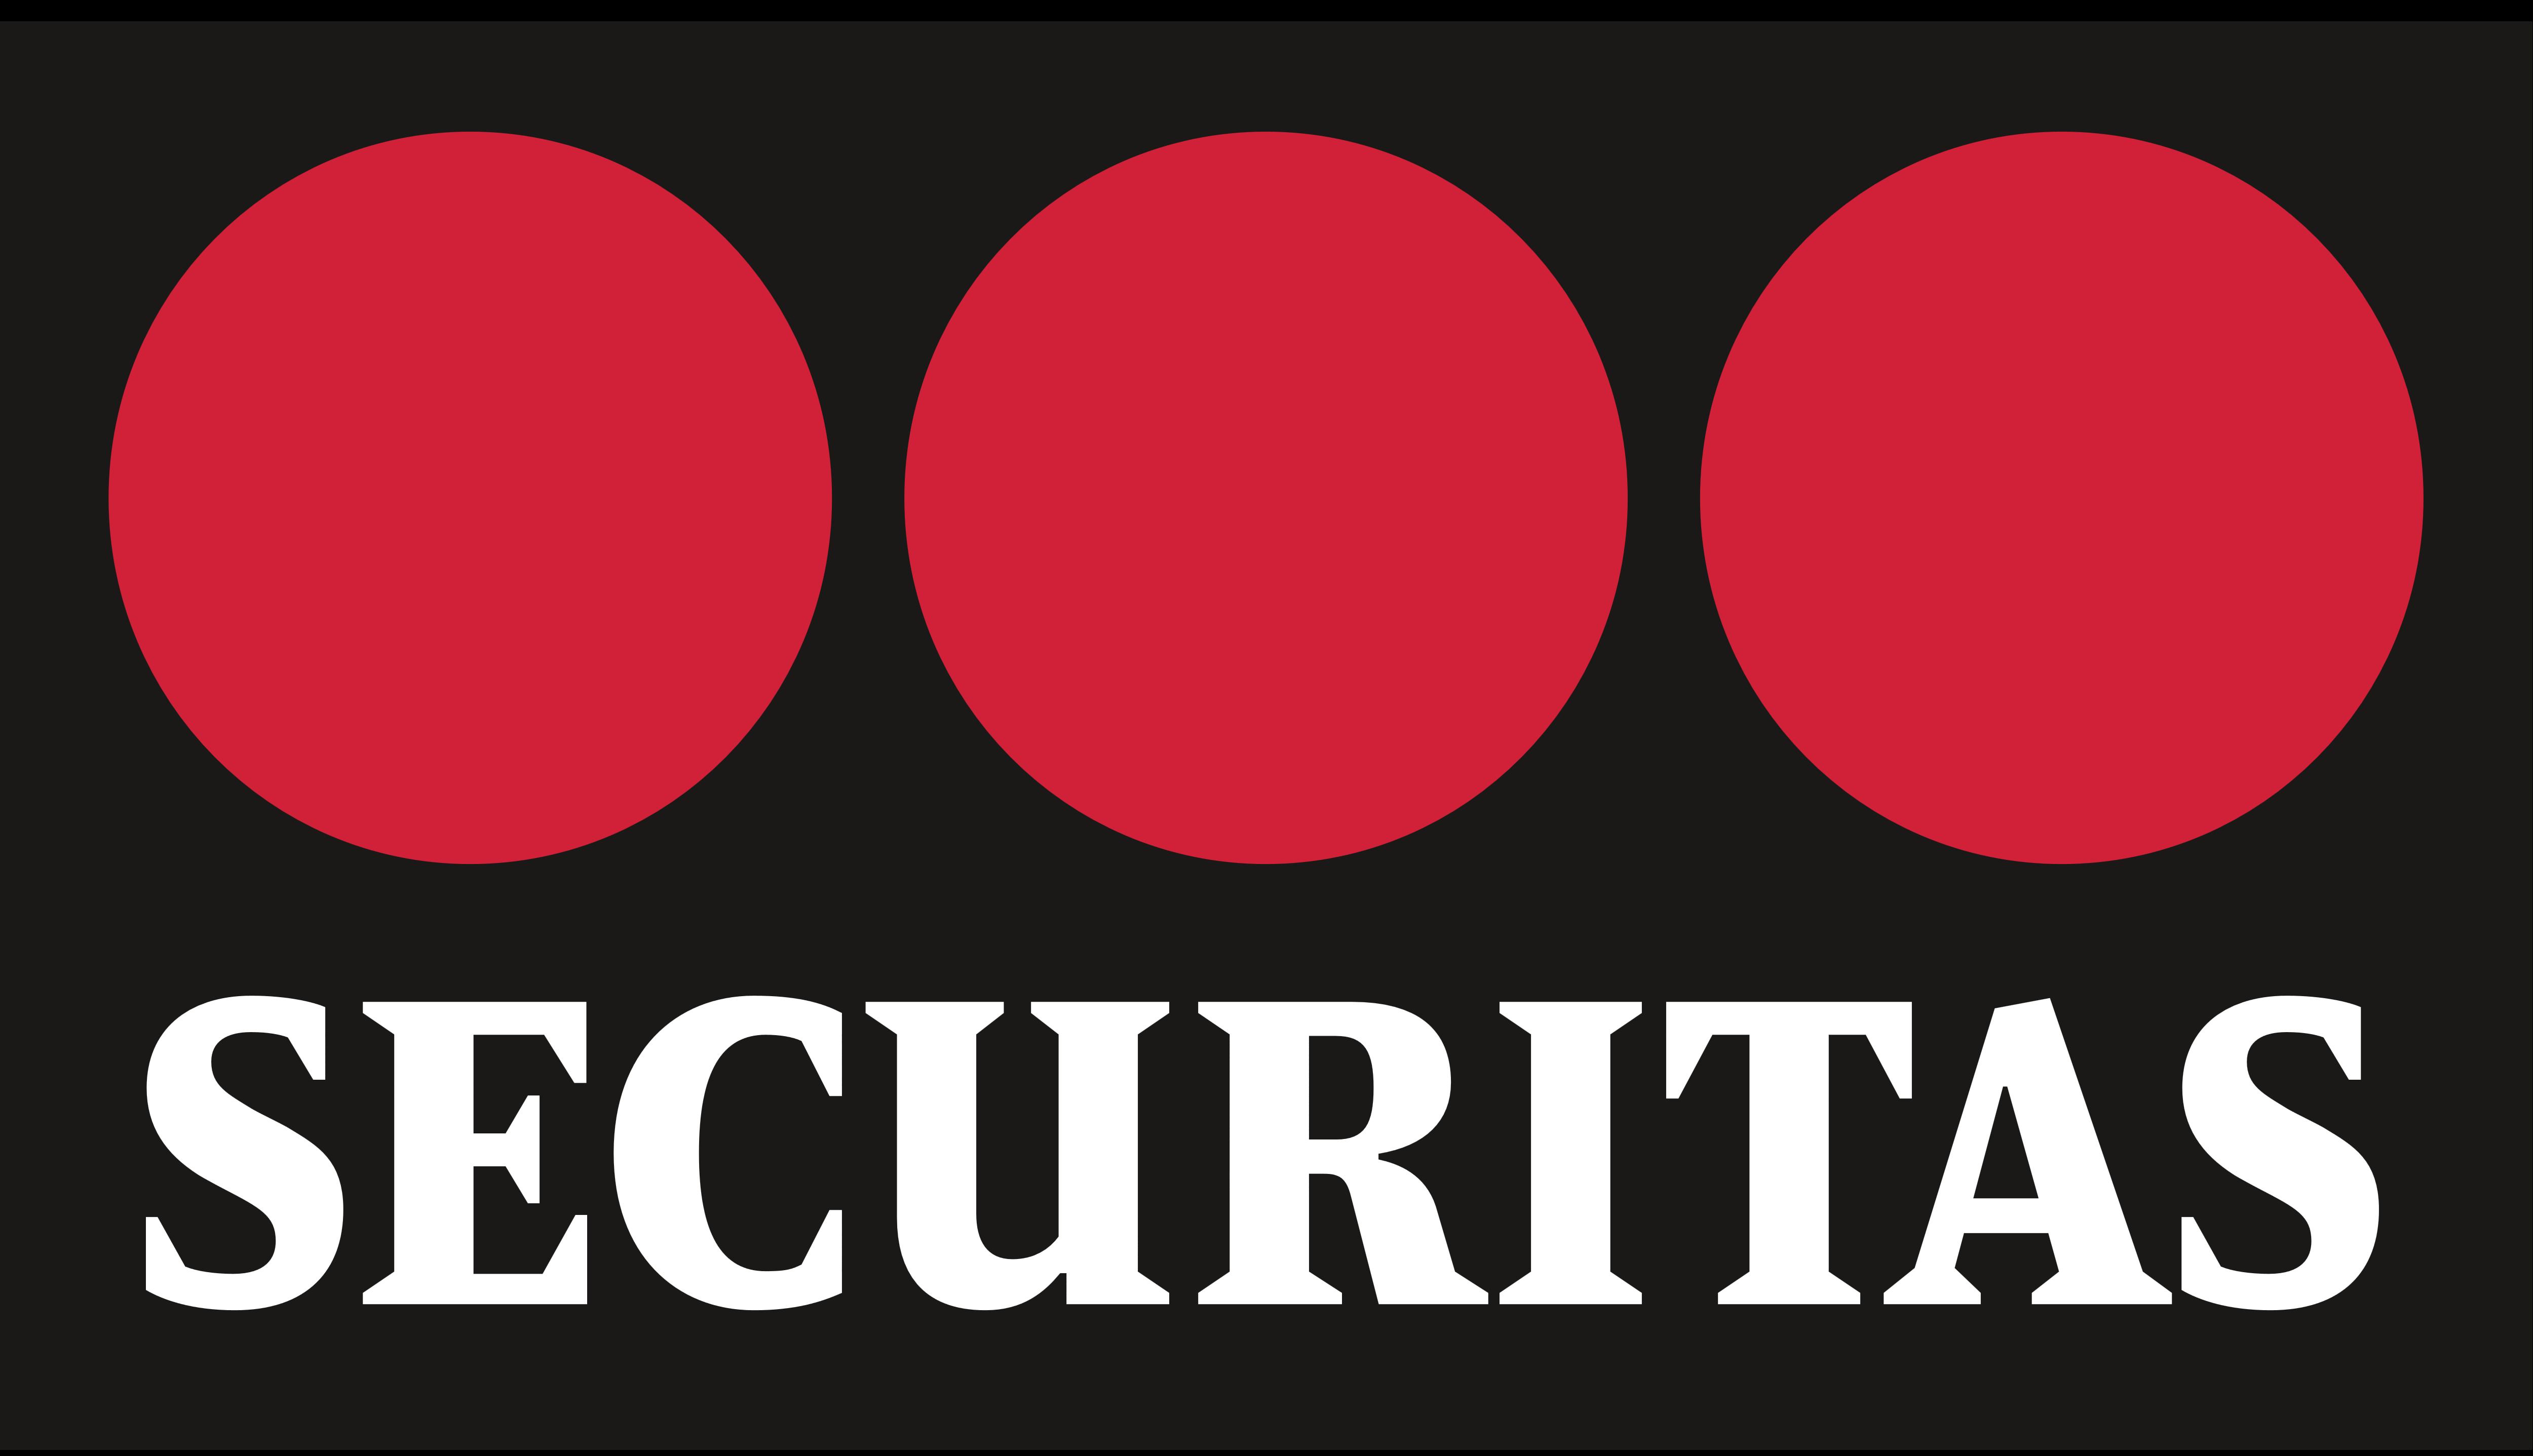 securitas logos download twitter logo transparent circle twitter logo transparent circle